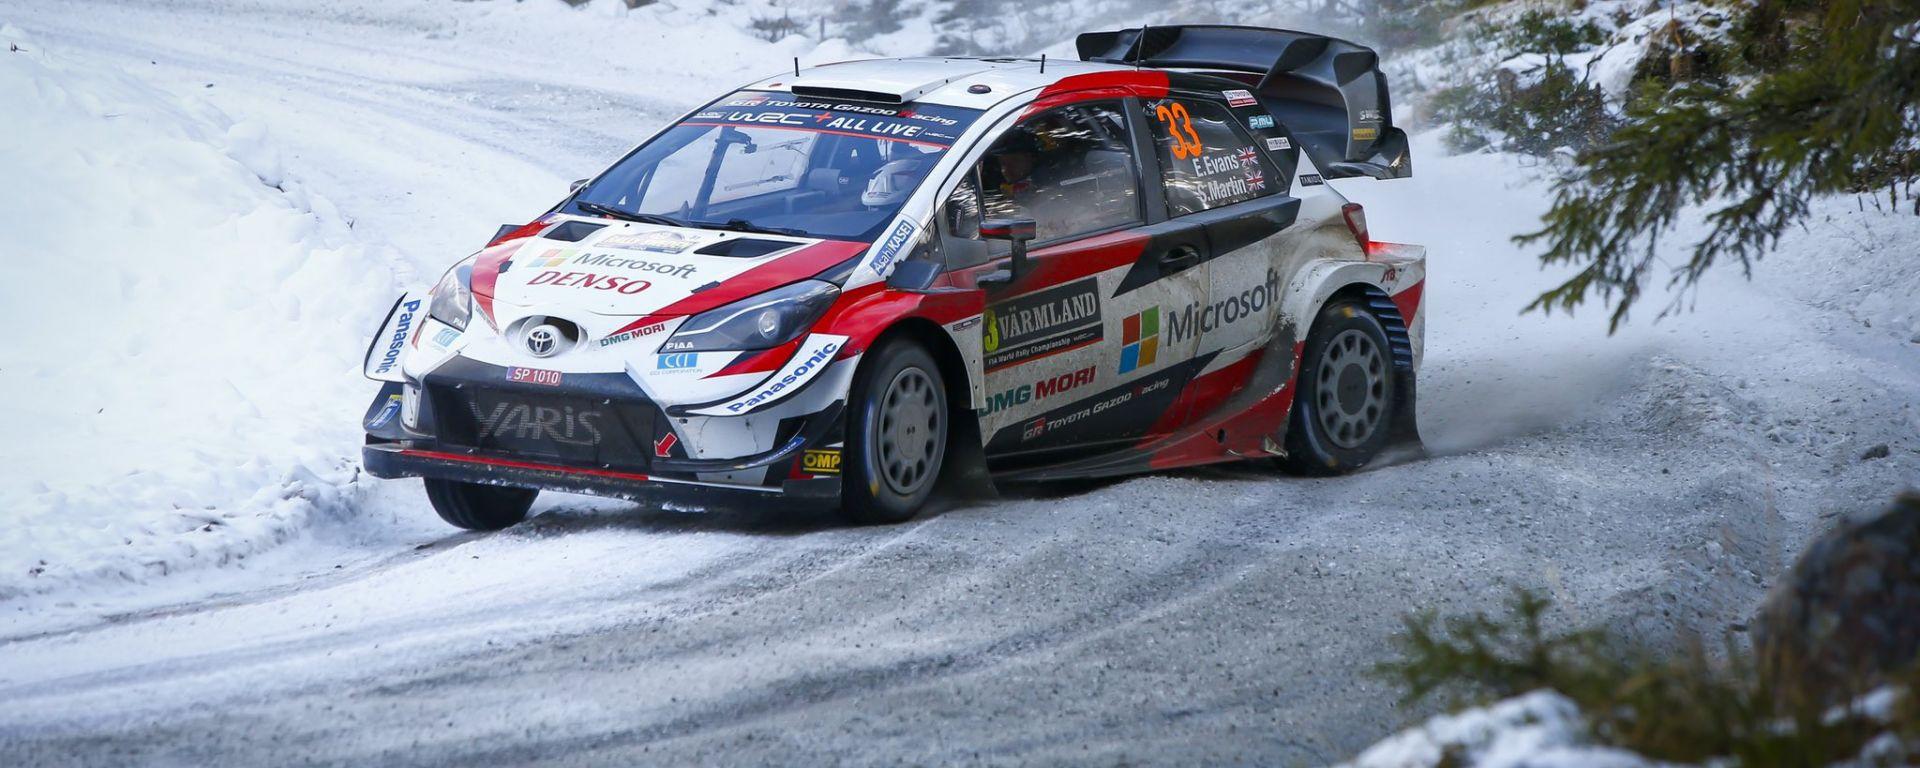 WRC 2020: Elfyn Evans impegnato nel Rally Svezia